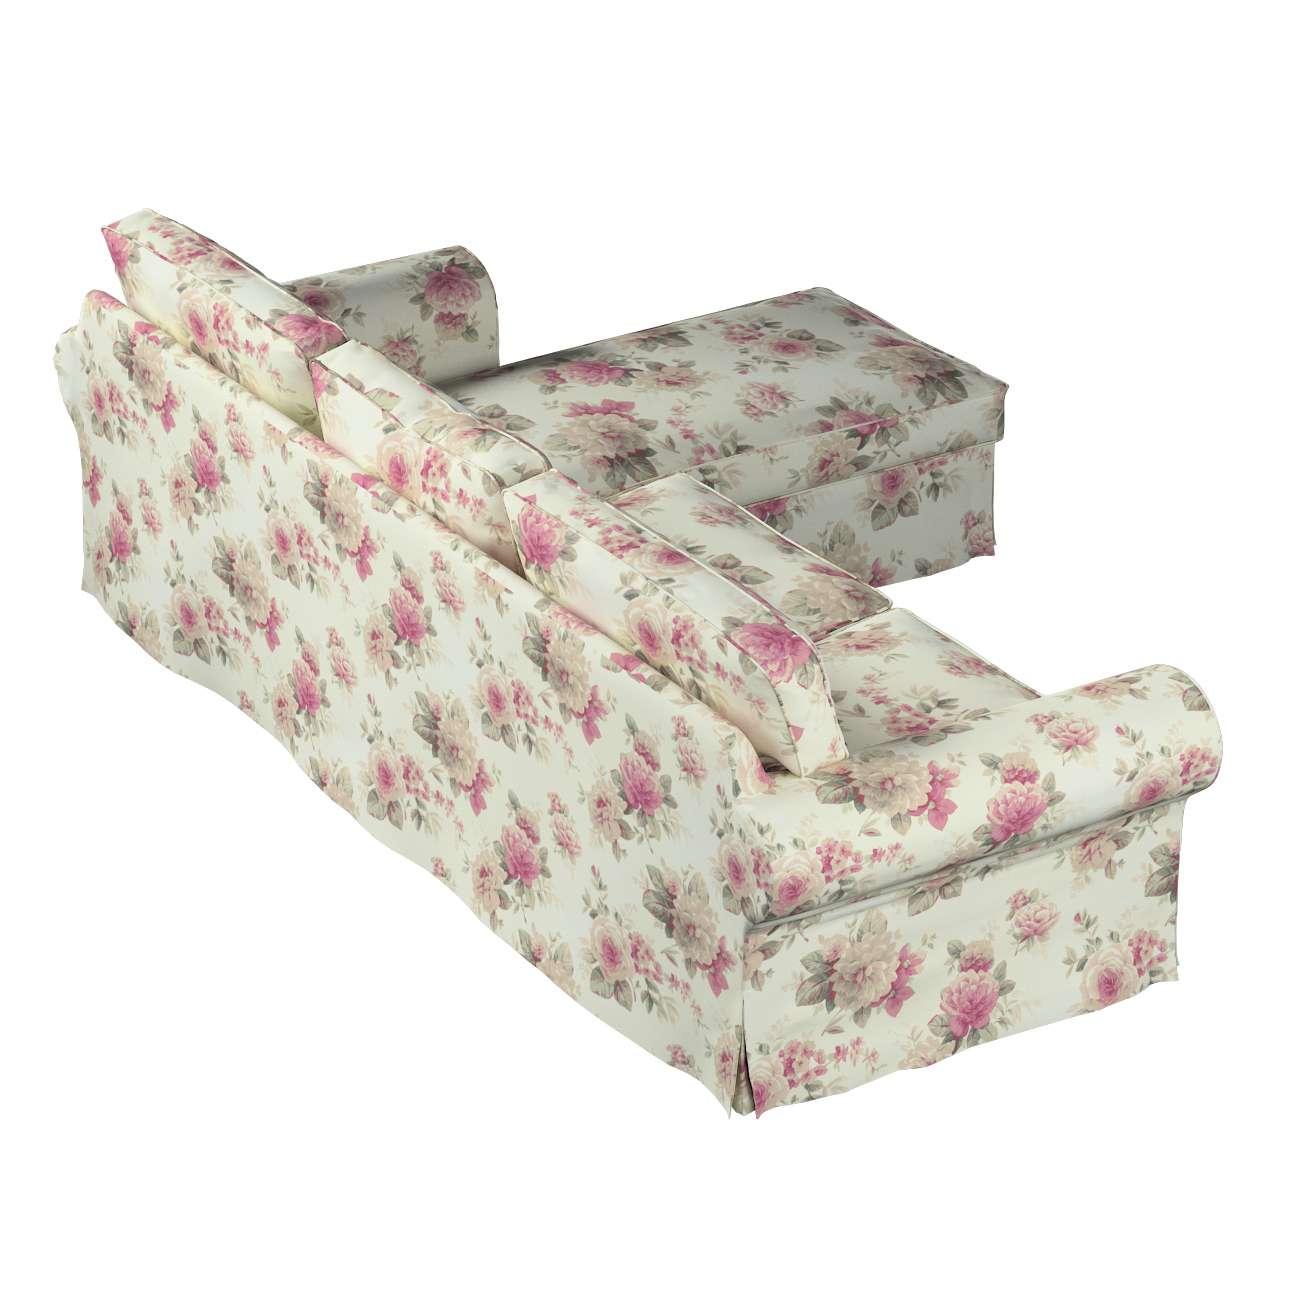 Pokrowiec na sofę Ektorp 2-osobową i leżankę w kolekcji Mirella, tkanina: 141-07